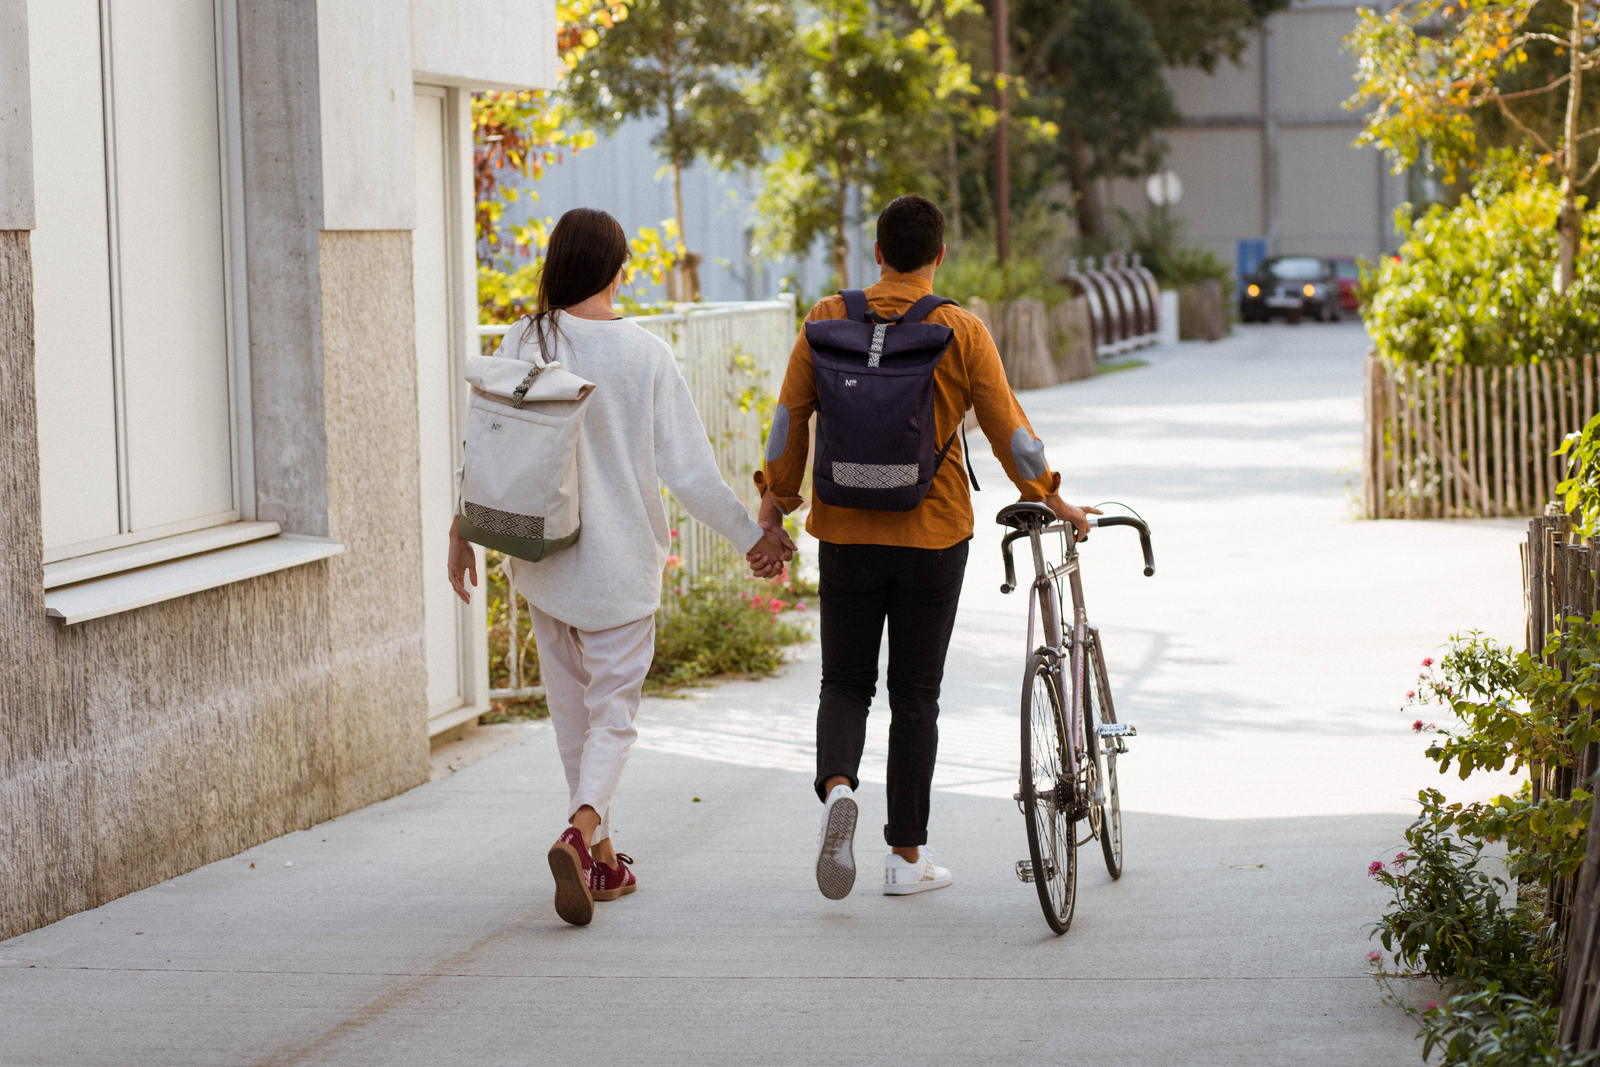 Ngo Shoes - Backpack - Blanc - Bleu - recyclé - Sneakers - femme - homme - Unisexe - Vegan - Bordeaux - Blanche - Vietnam - velo